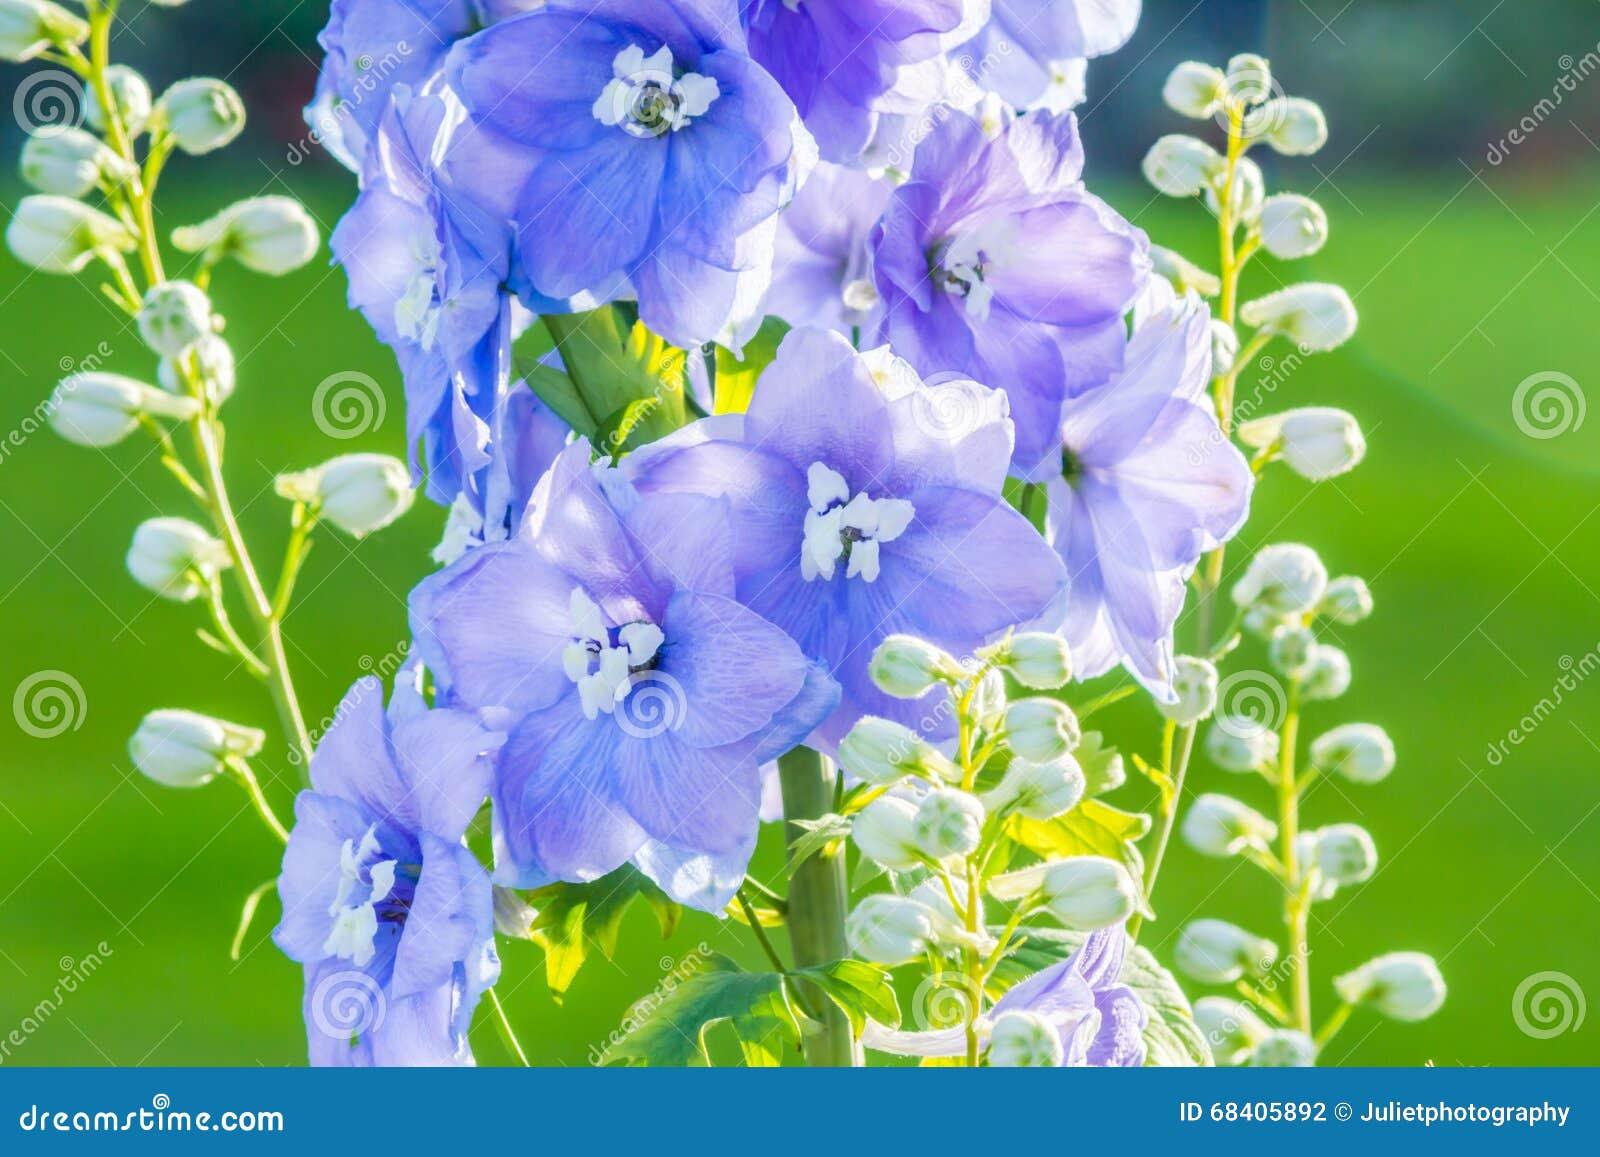 Riddarsporre  efter midnatt  som är nära upp av överflödande blåa blommor på en enkel stam